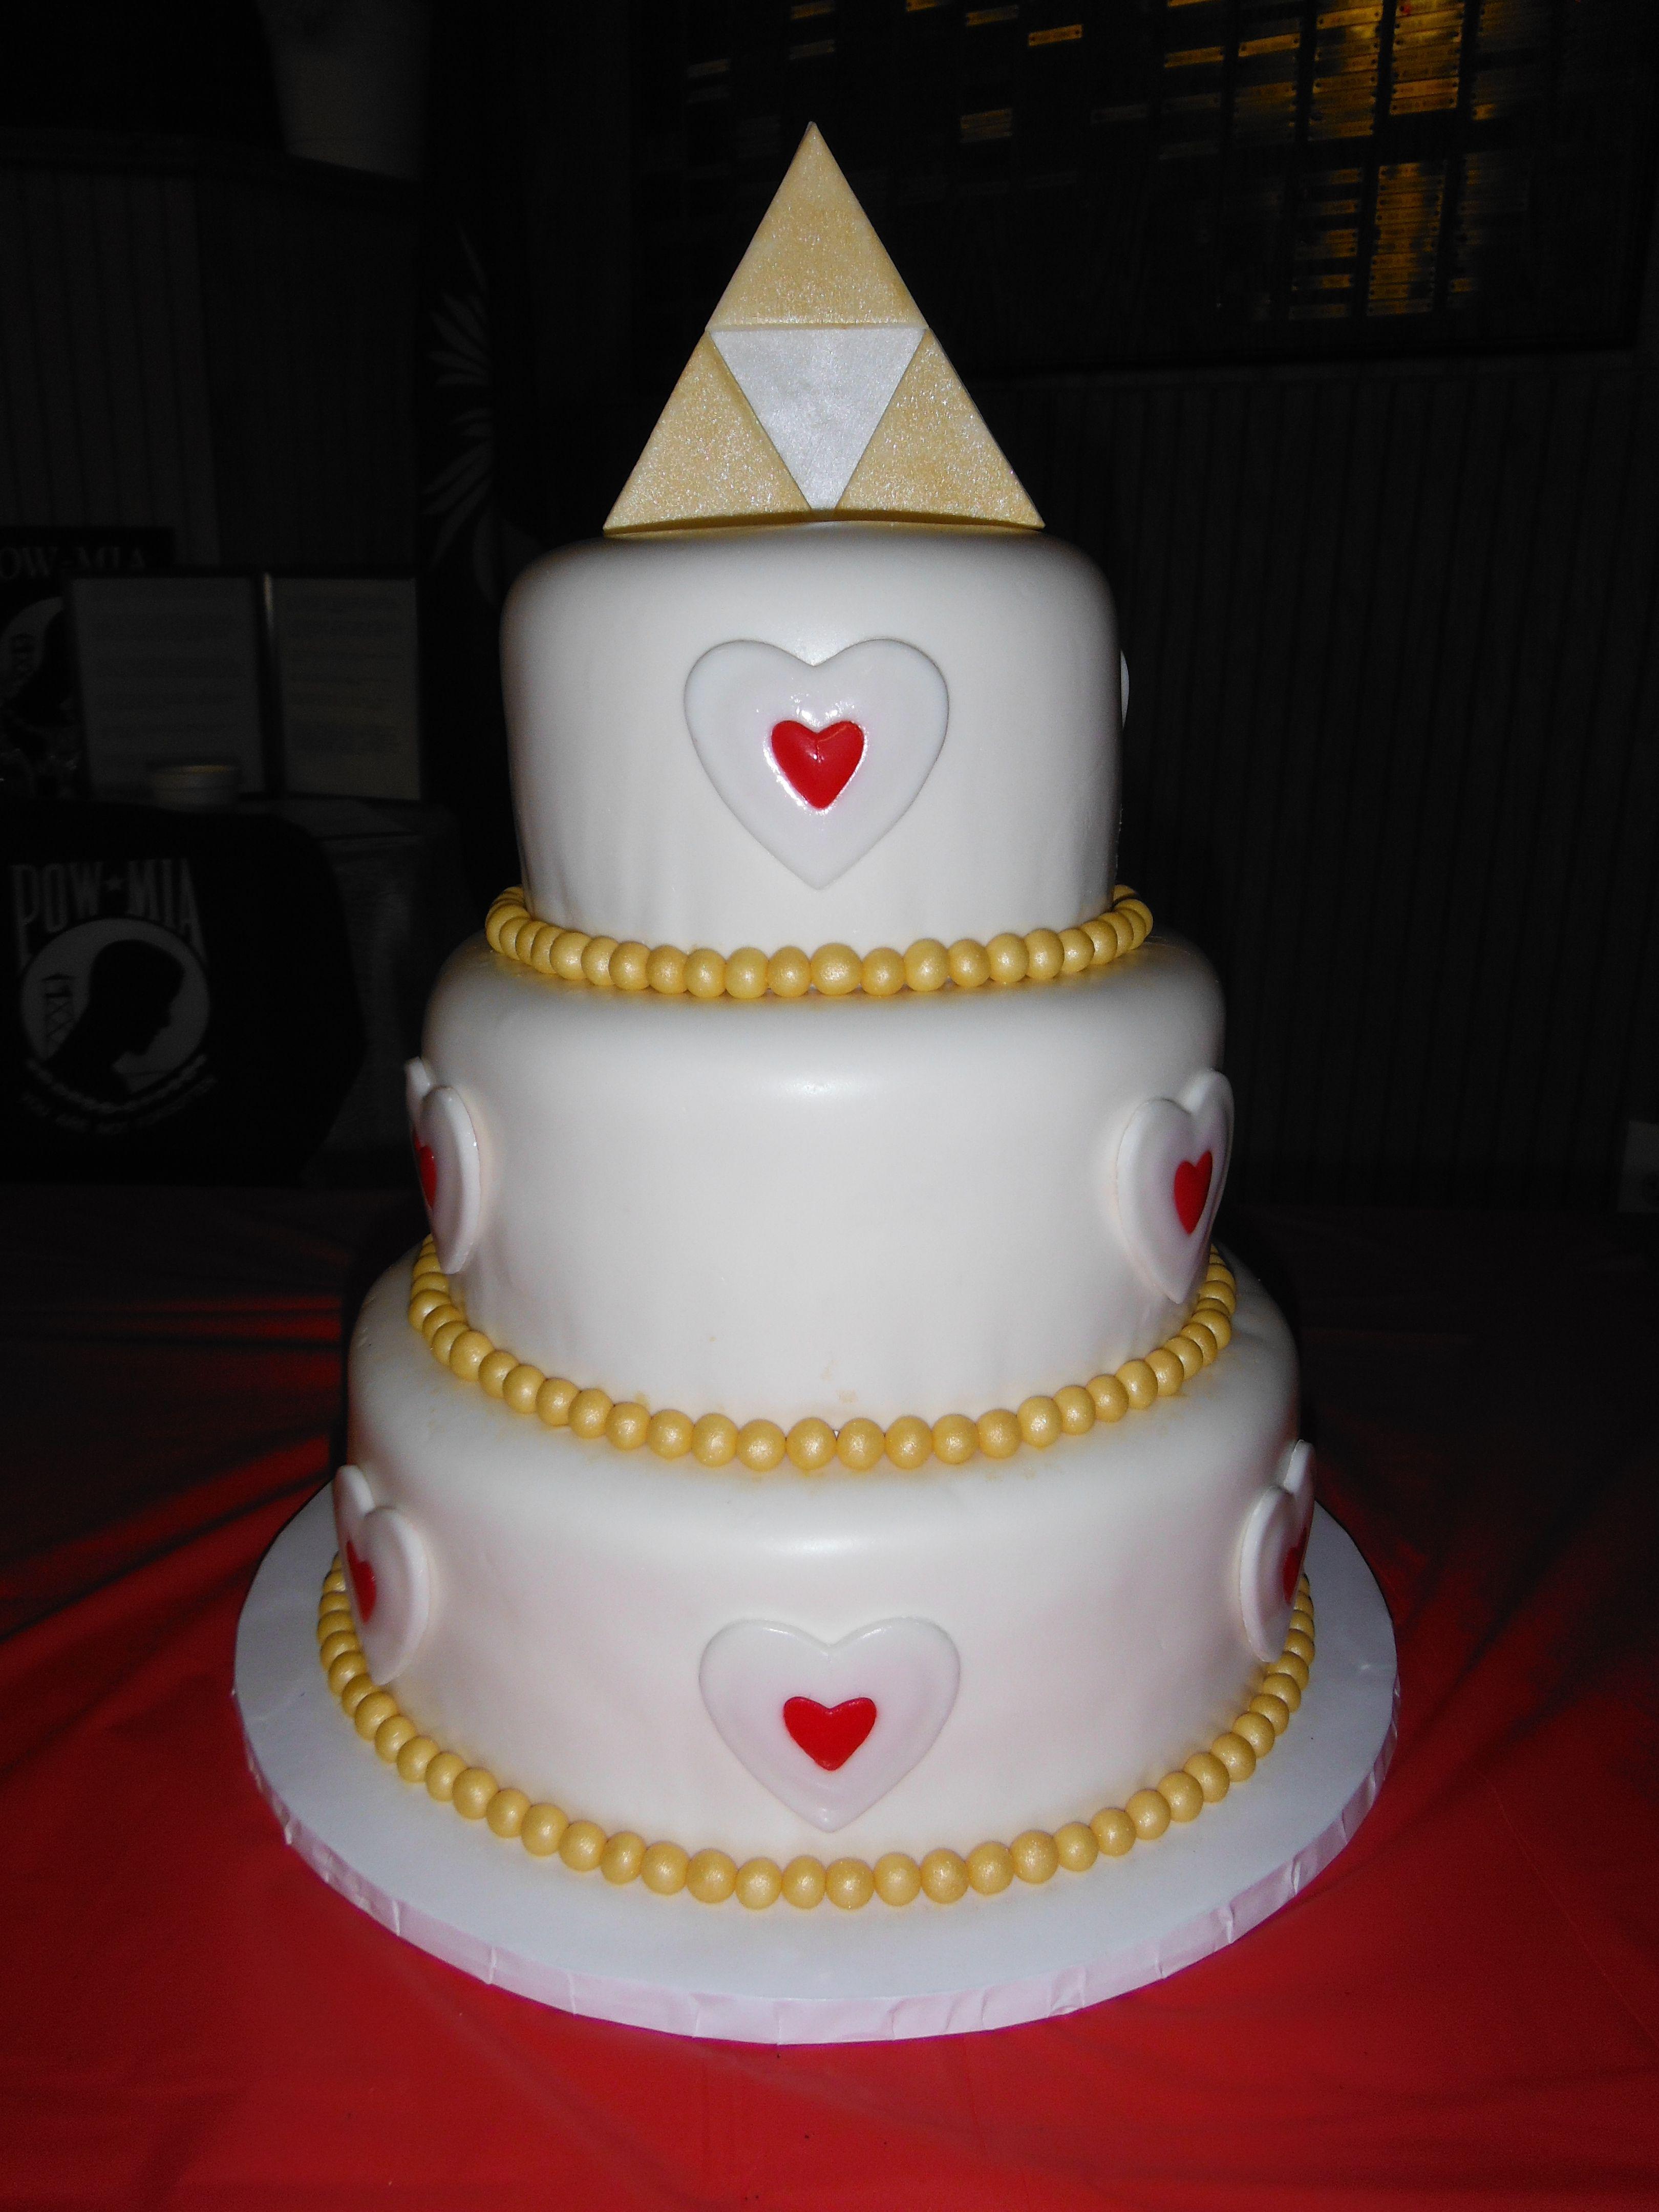 Legend Of Zelda Wedding Cake 3 Tier Red Velvet W Cream Cheese Frosting